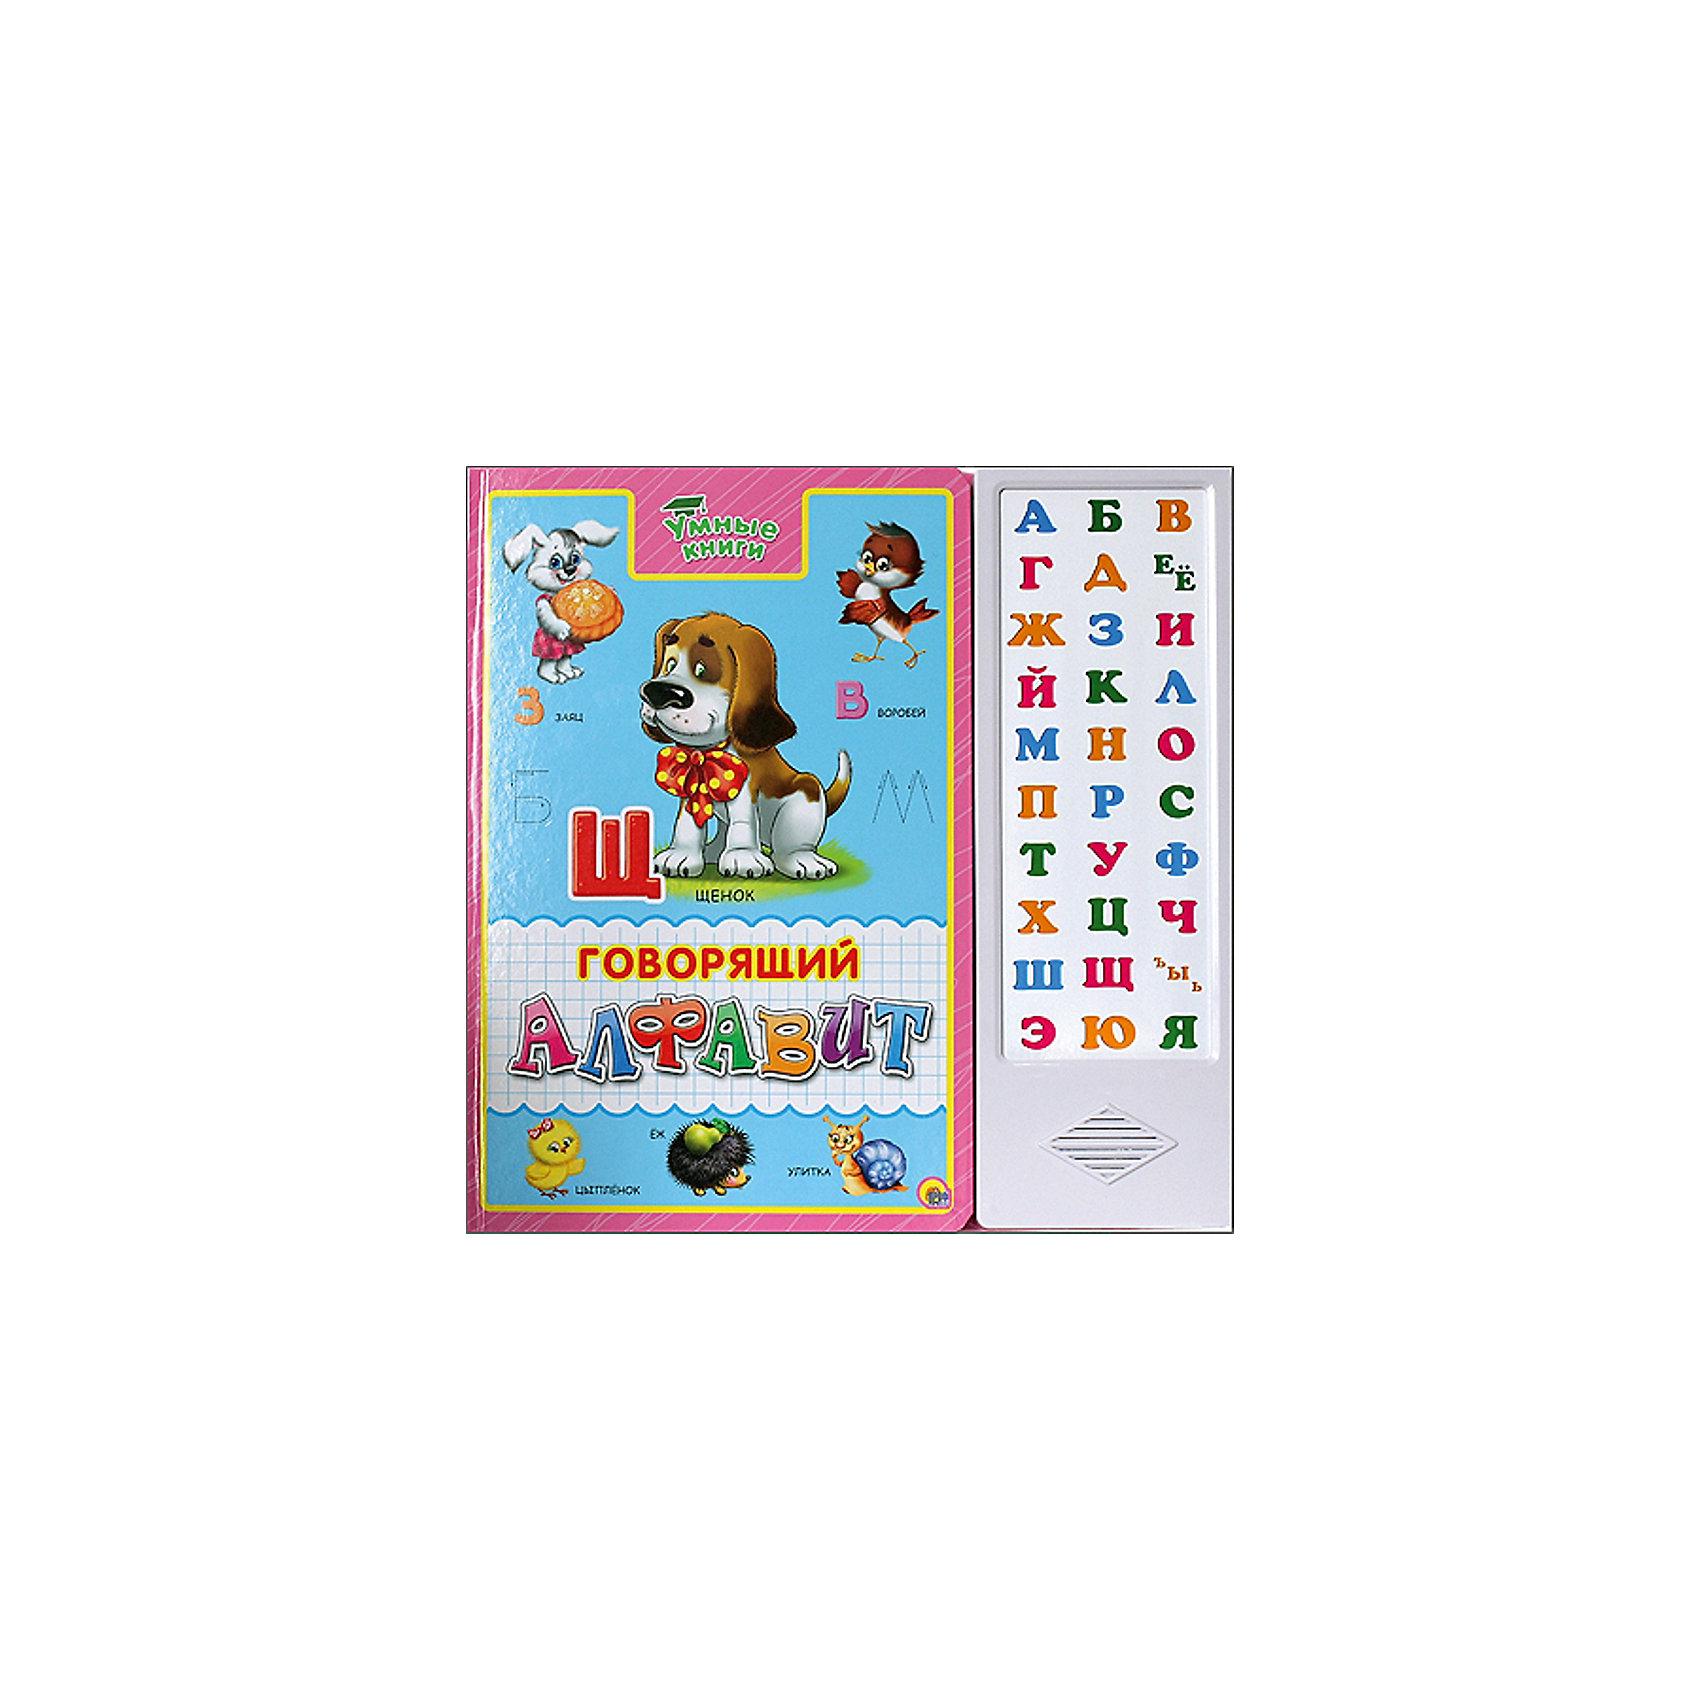 Говорящий алфавит, Умные книгиОбучать ребенка можно в веселой форме! Книги - это лучший подарок не только взрослым, они помогают детям познавать мир и учиться читать, также книги позволяют ребенку весело проводить время. Они также стимулируют развитие воображения, логики и творческого мышления.<br>Это издание содержит звуковой модуль, с помощью которого ребенку будет проще выучить и научиться писать буквы. Такие издания позволят детям провести время с пользой! Яркие картинки обязательно понравятся малышам!<br>  <br>Дополнительная информация:<br><br>звуковой модуль;<br>размер: 295х295 мм;<br>вес: 733 г.<br><br>Книгу со звуковым модулем Говорящий алфавит от издательства Проф-Пресс можно купить в нашем магазине.<br><br>Ширина мм: 295<br>Глубина мм: 15<br>Высота мм: 295<br>Вес г: 733<br>Возраст от месяцев: 0<br>Возраст до месяцев: 60<br>Пол: Унисекс<br>Возраст: Детский<br>SKU: 4787298